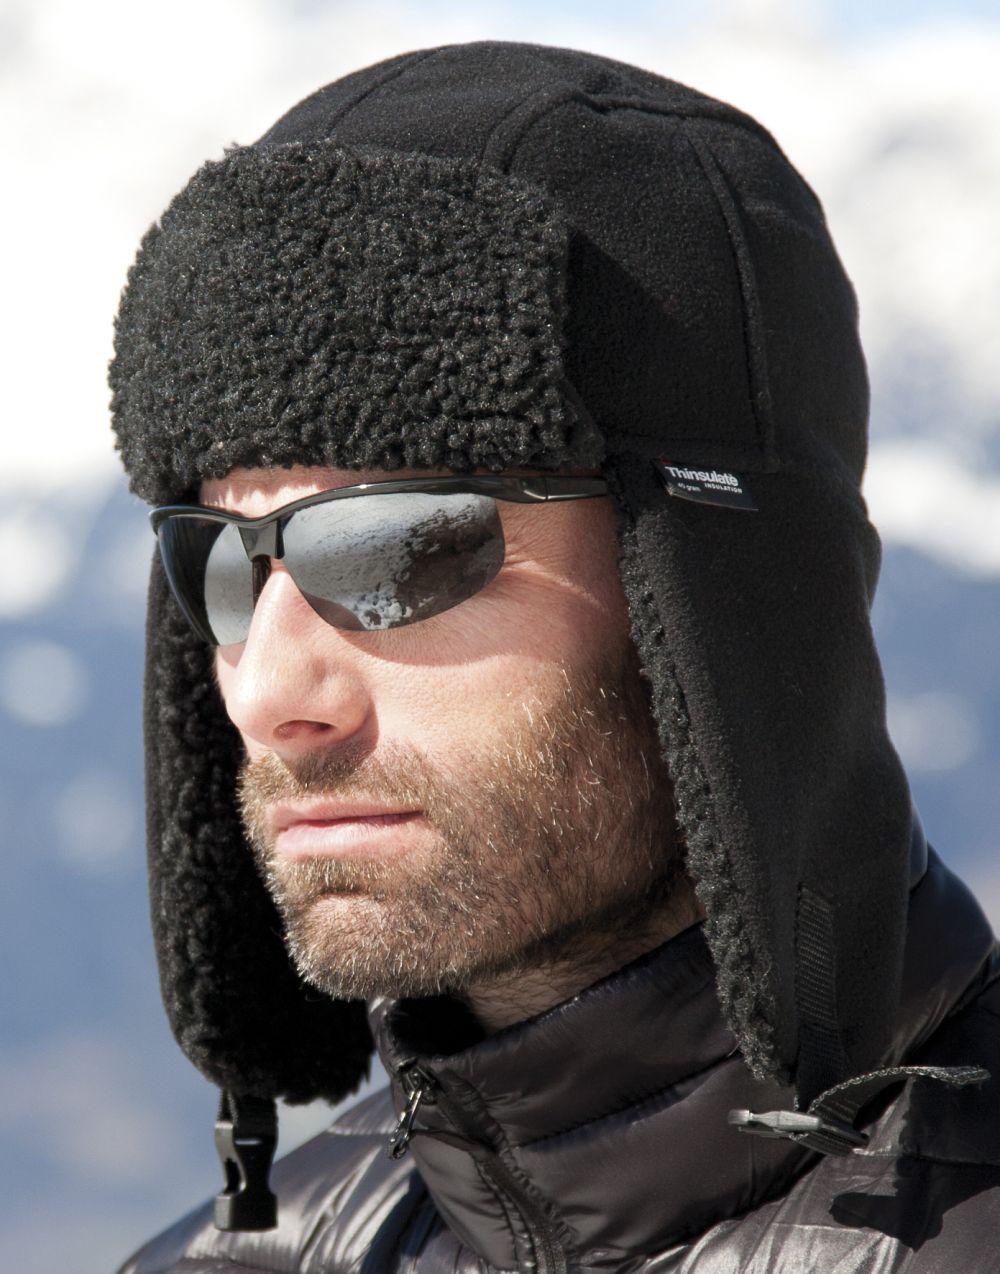 Gorros invierno result sherpa thinsulate imagen 2